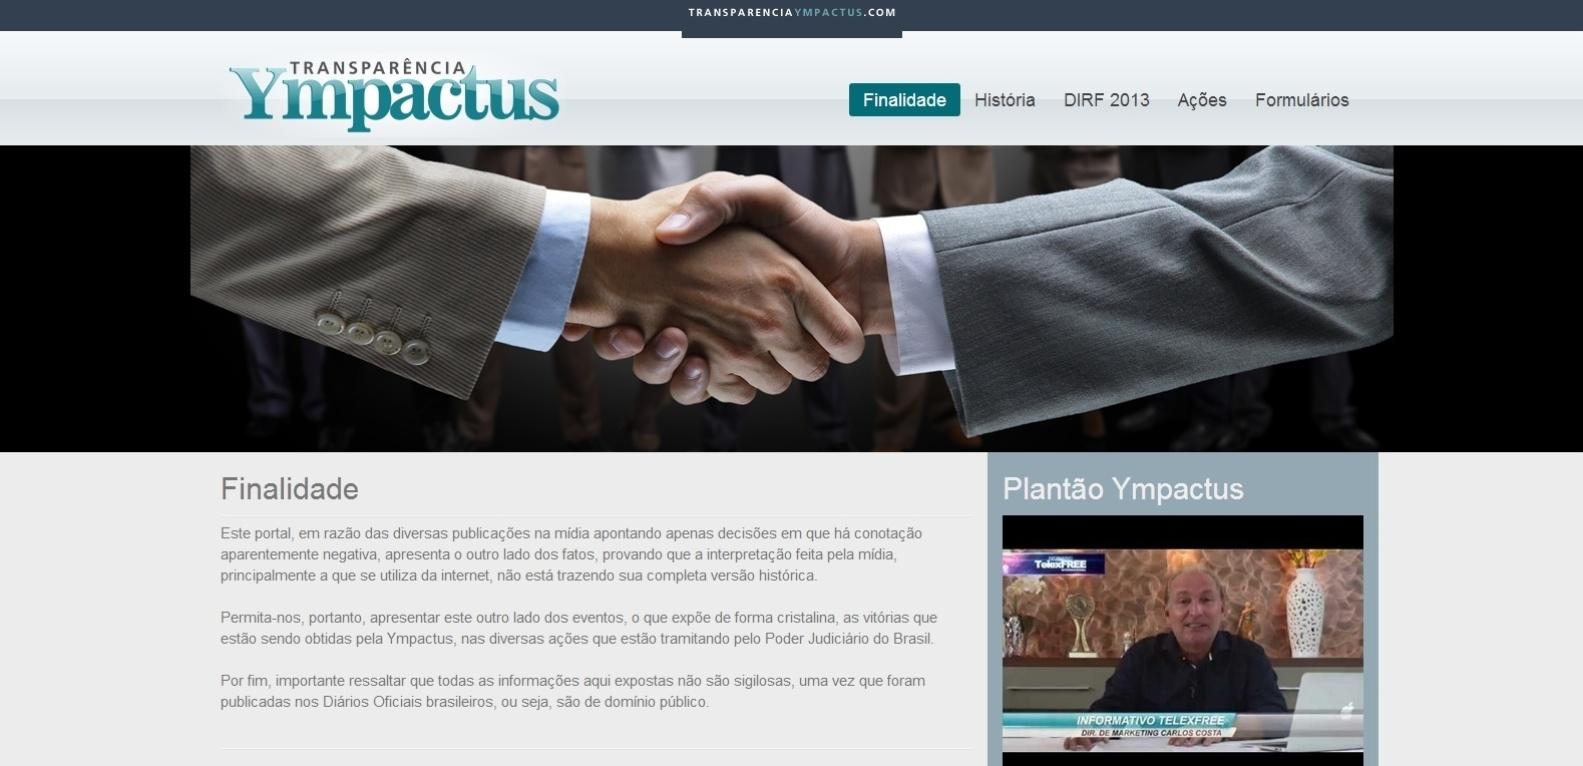 a65a44a53e5 Telexfree lança site com promessa de devolver dinheiro a participantes -  29 05 2014 - UOL Economia